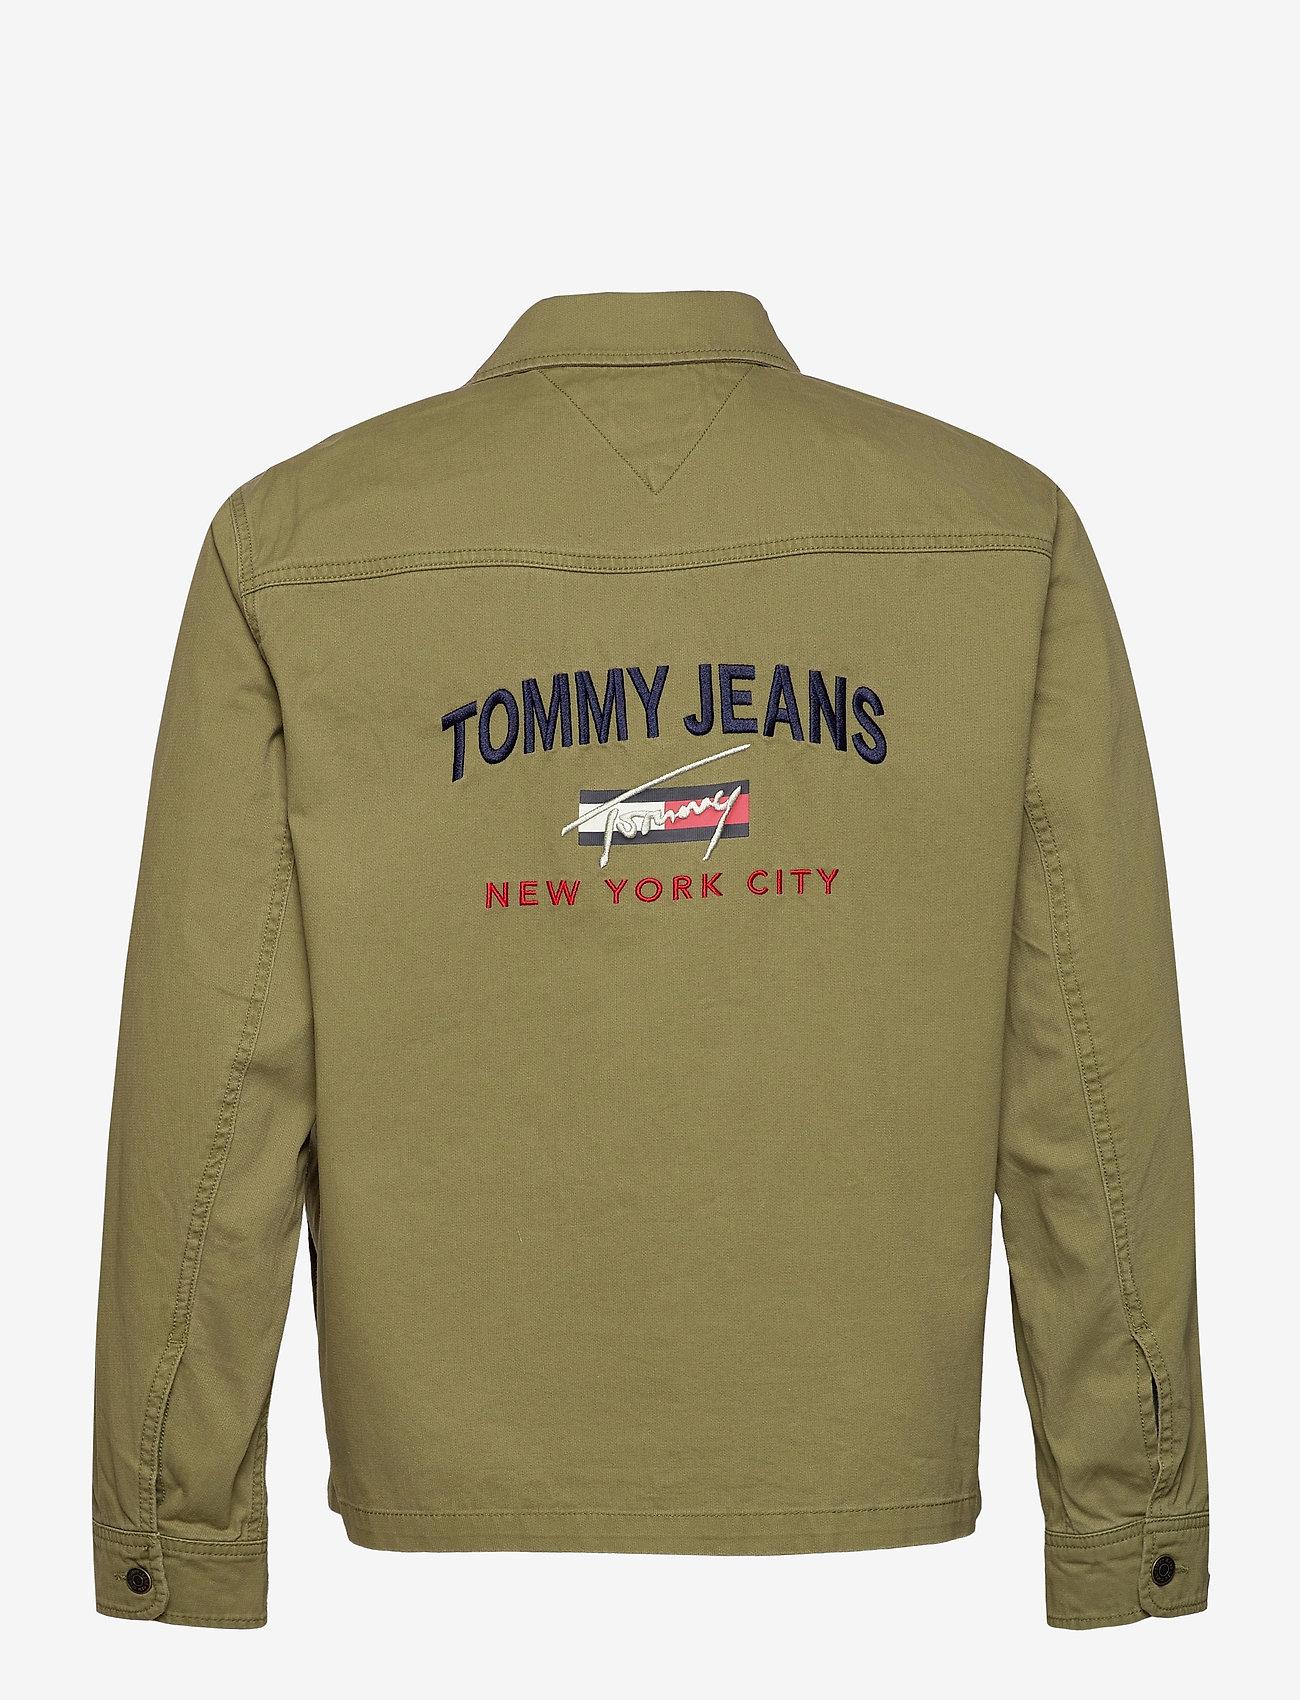 Tommy Jeans - TJ US BACK GRAPHIC OVERSHIRT - kläder - uniform olive - 1